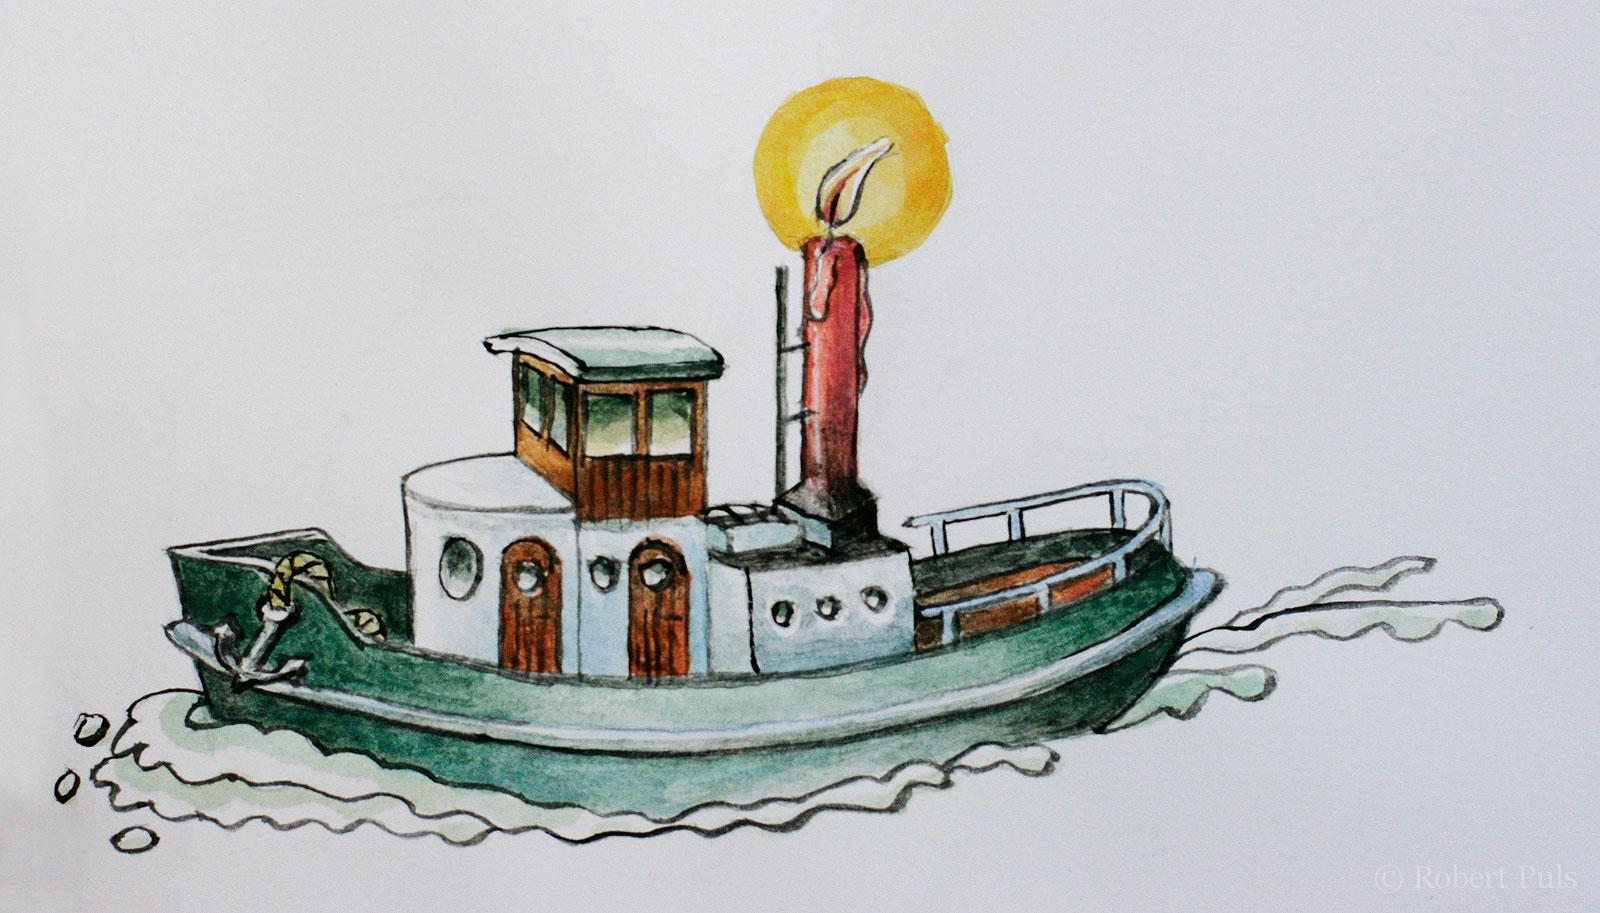 Kutter Schiff Weihnachten Kerze Illustration